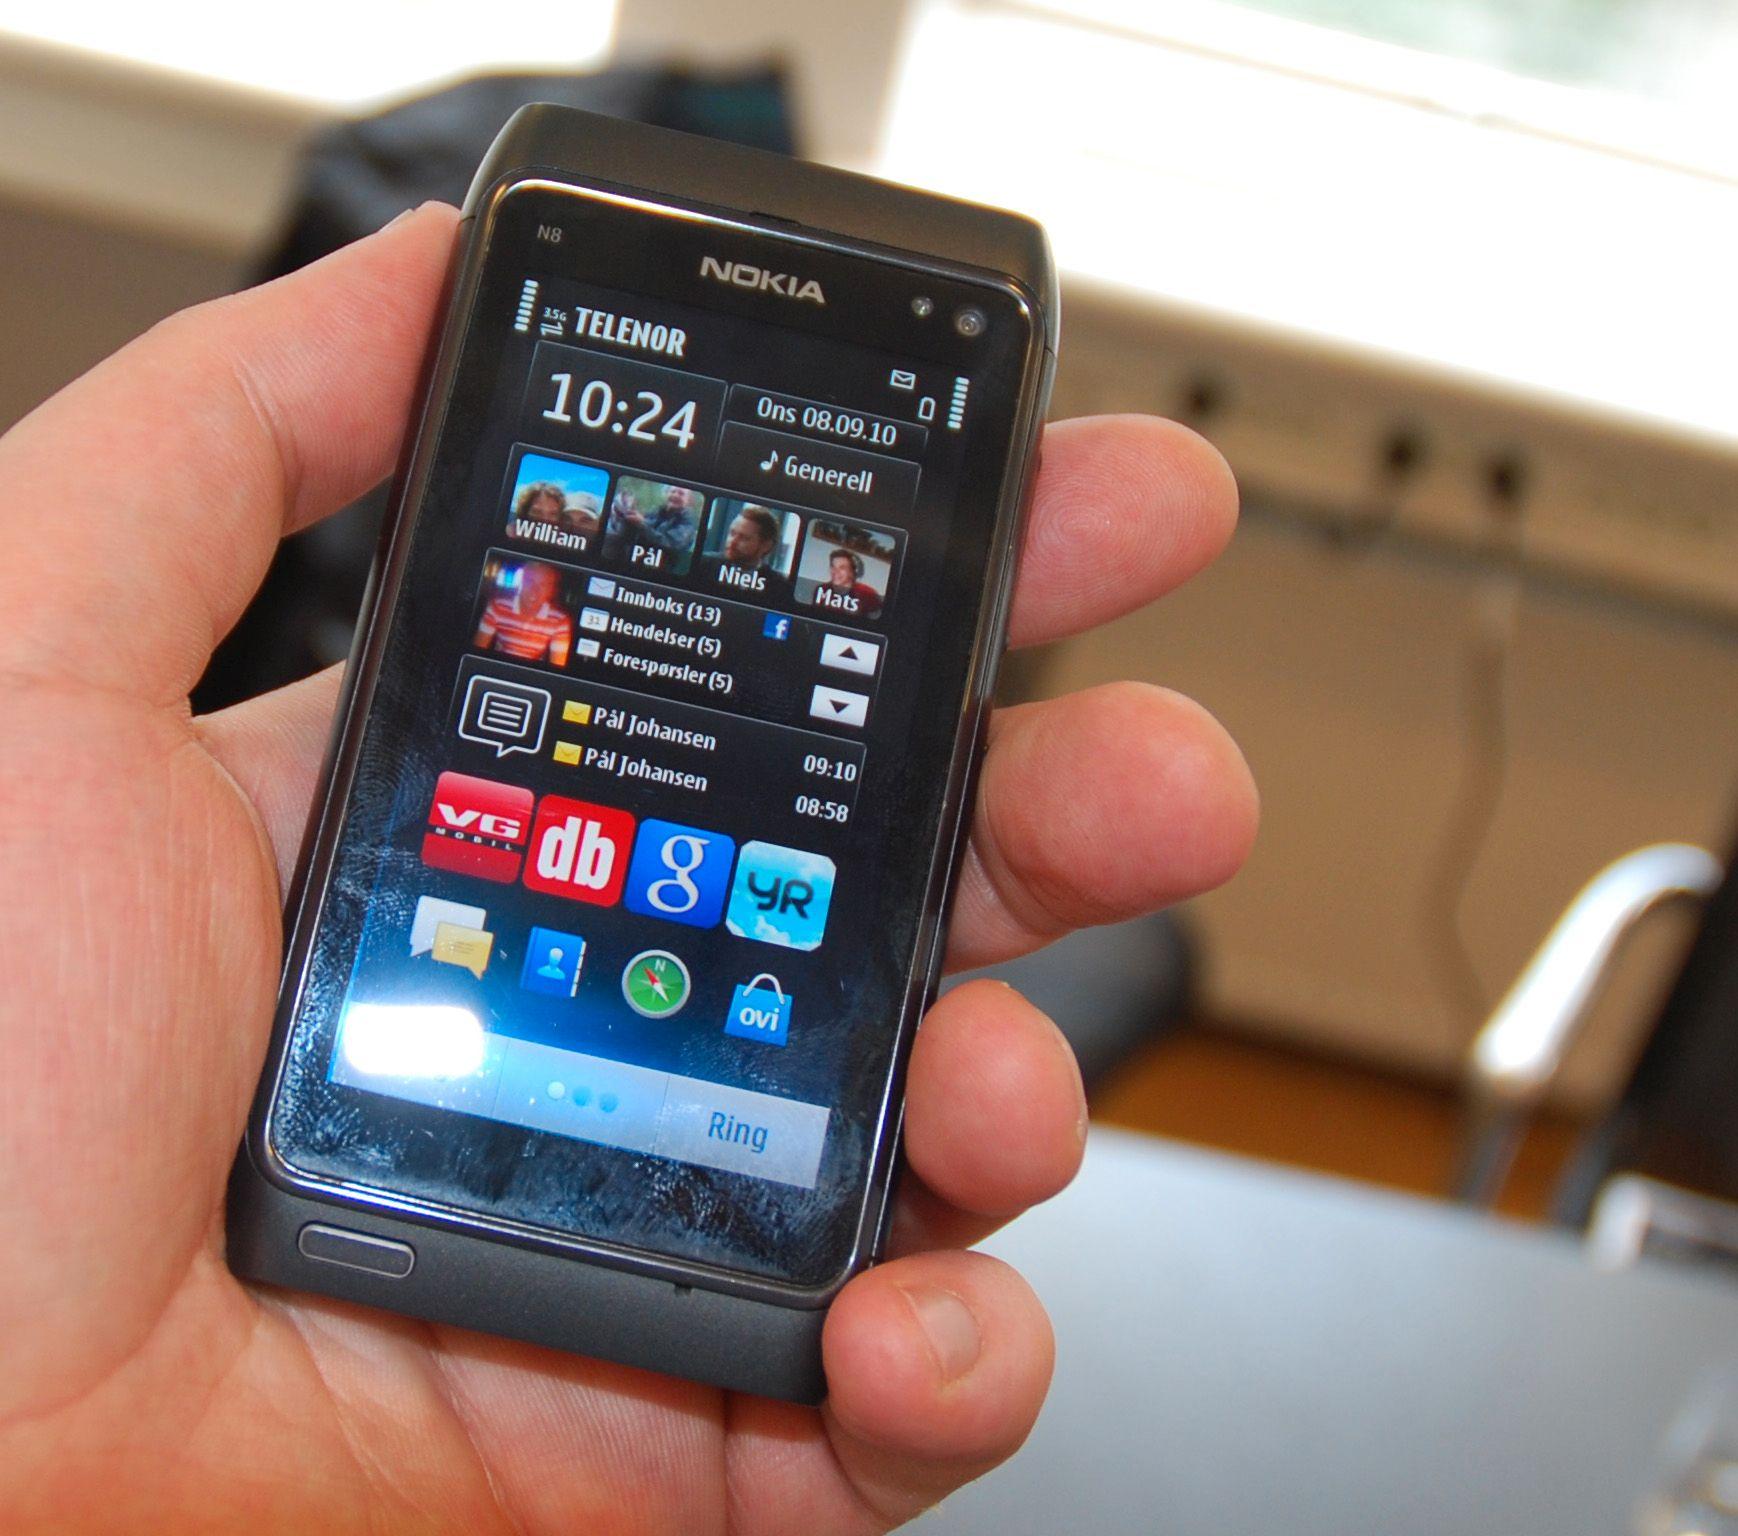 Hjemmeskjermene på N8 er det største beviset på at noe nytt har skjedd med Symbian.